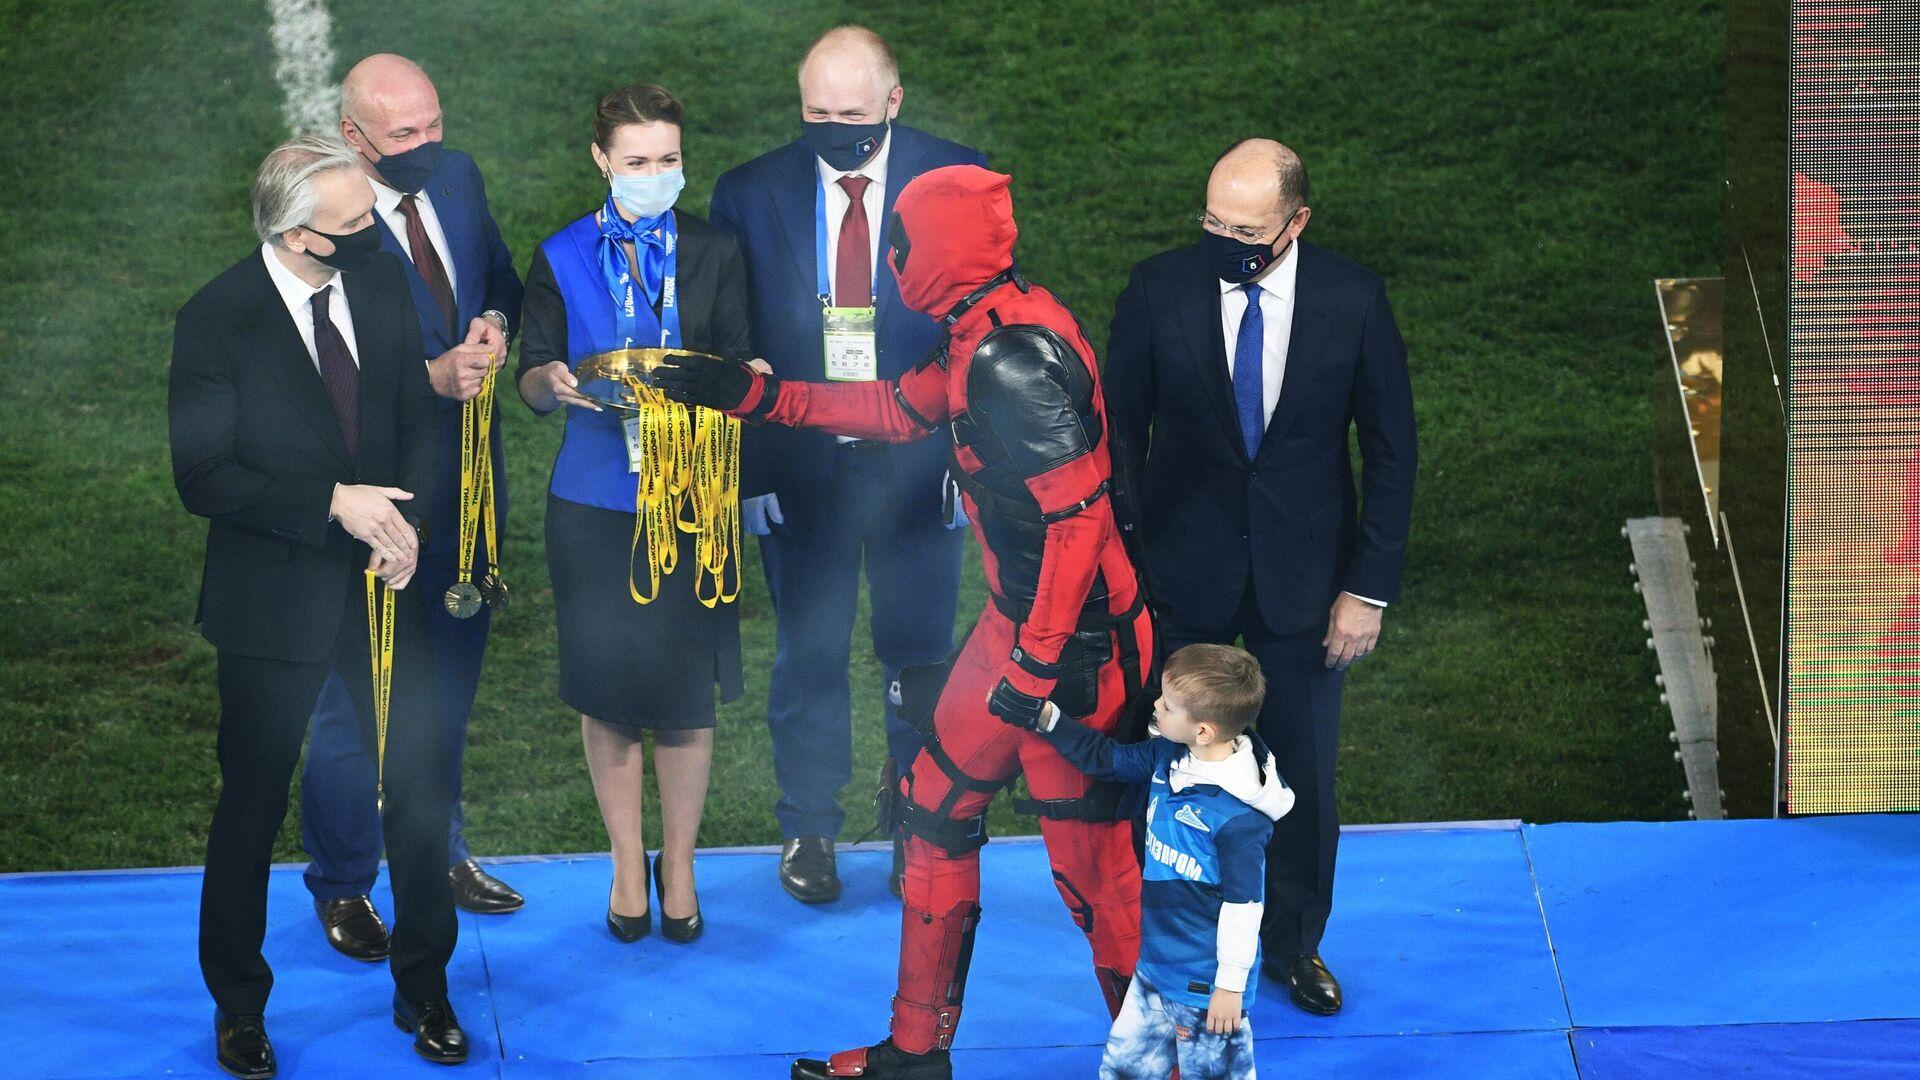 Артем Дзюба в костюме Дэдпула на церемонии награждения - РИА Новости, 1920, 02.05.2021